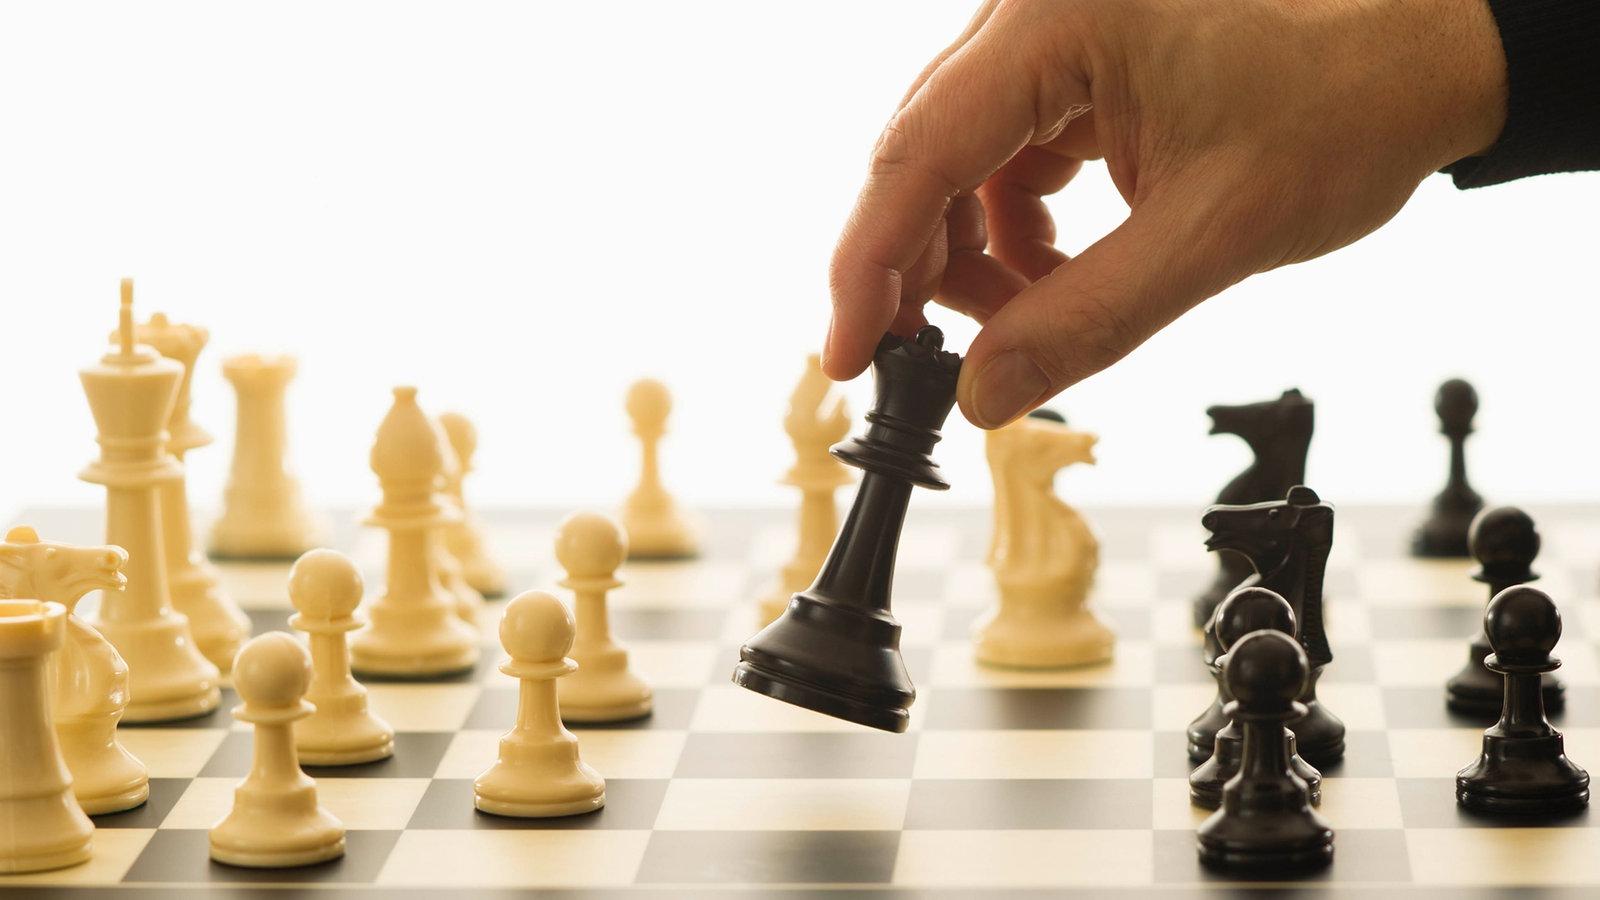 Schach Game